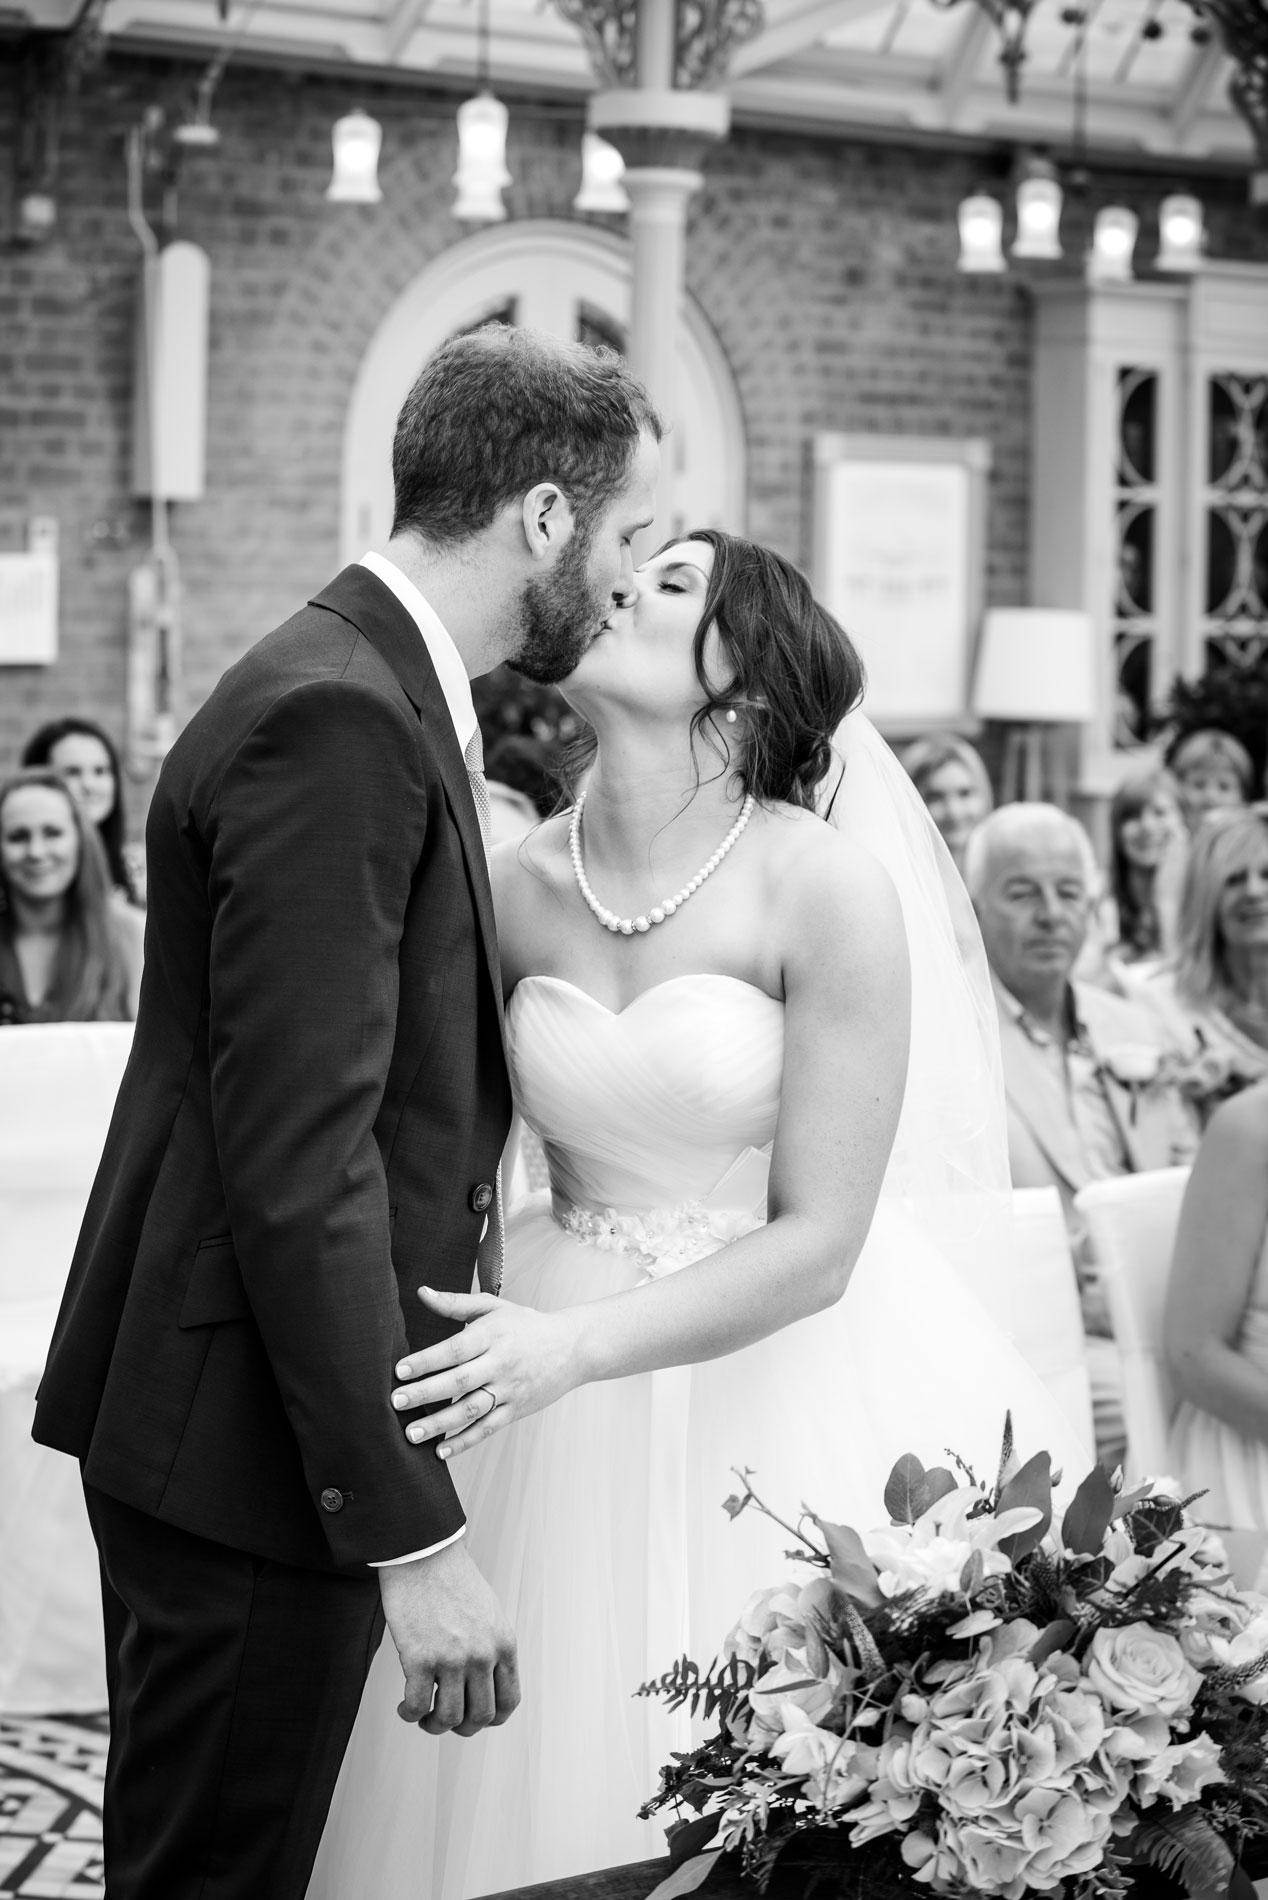 Kilworth-weddings-_26.jpg